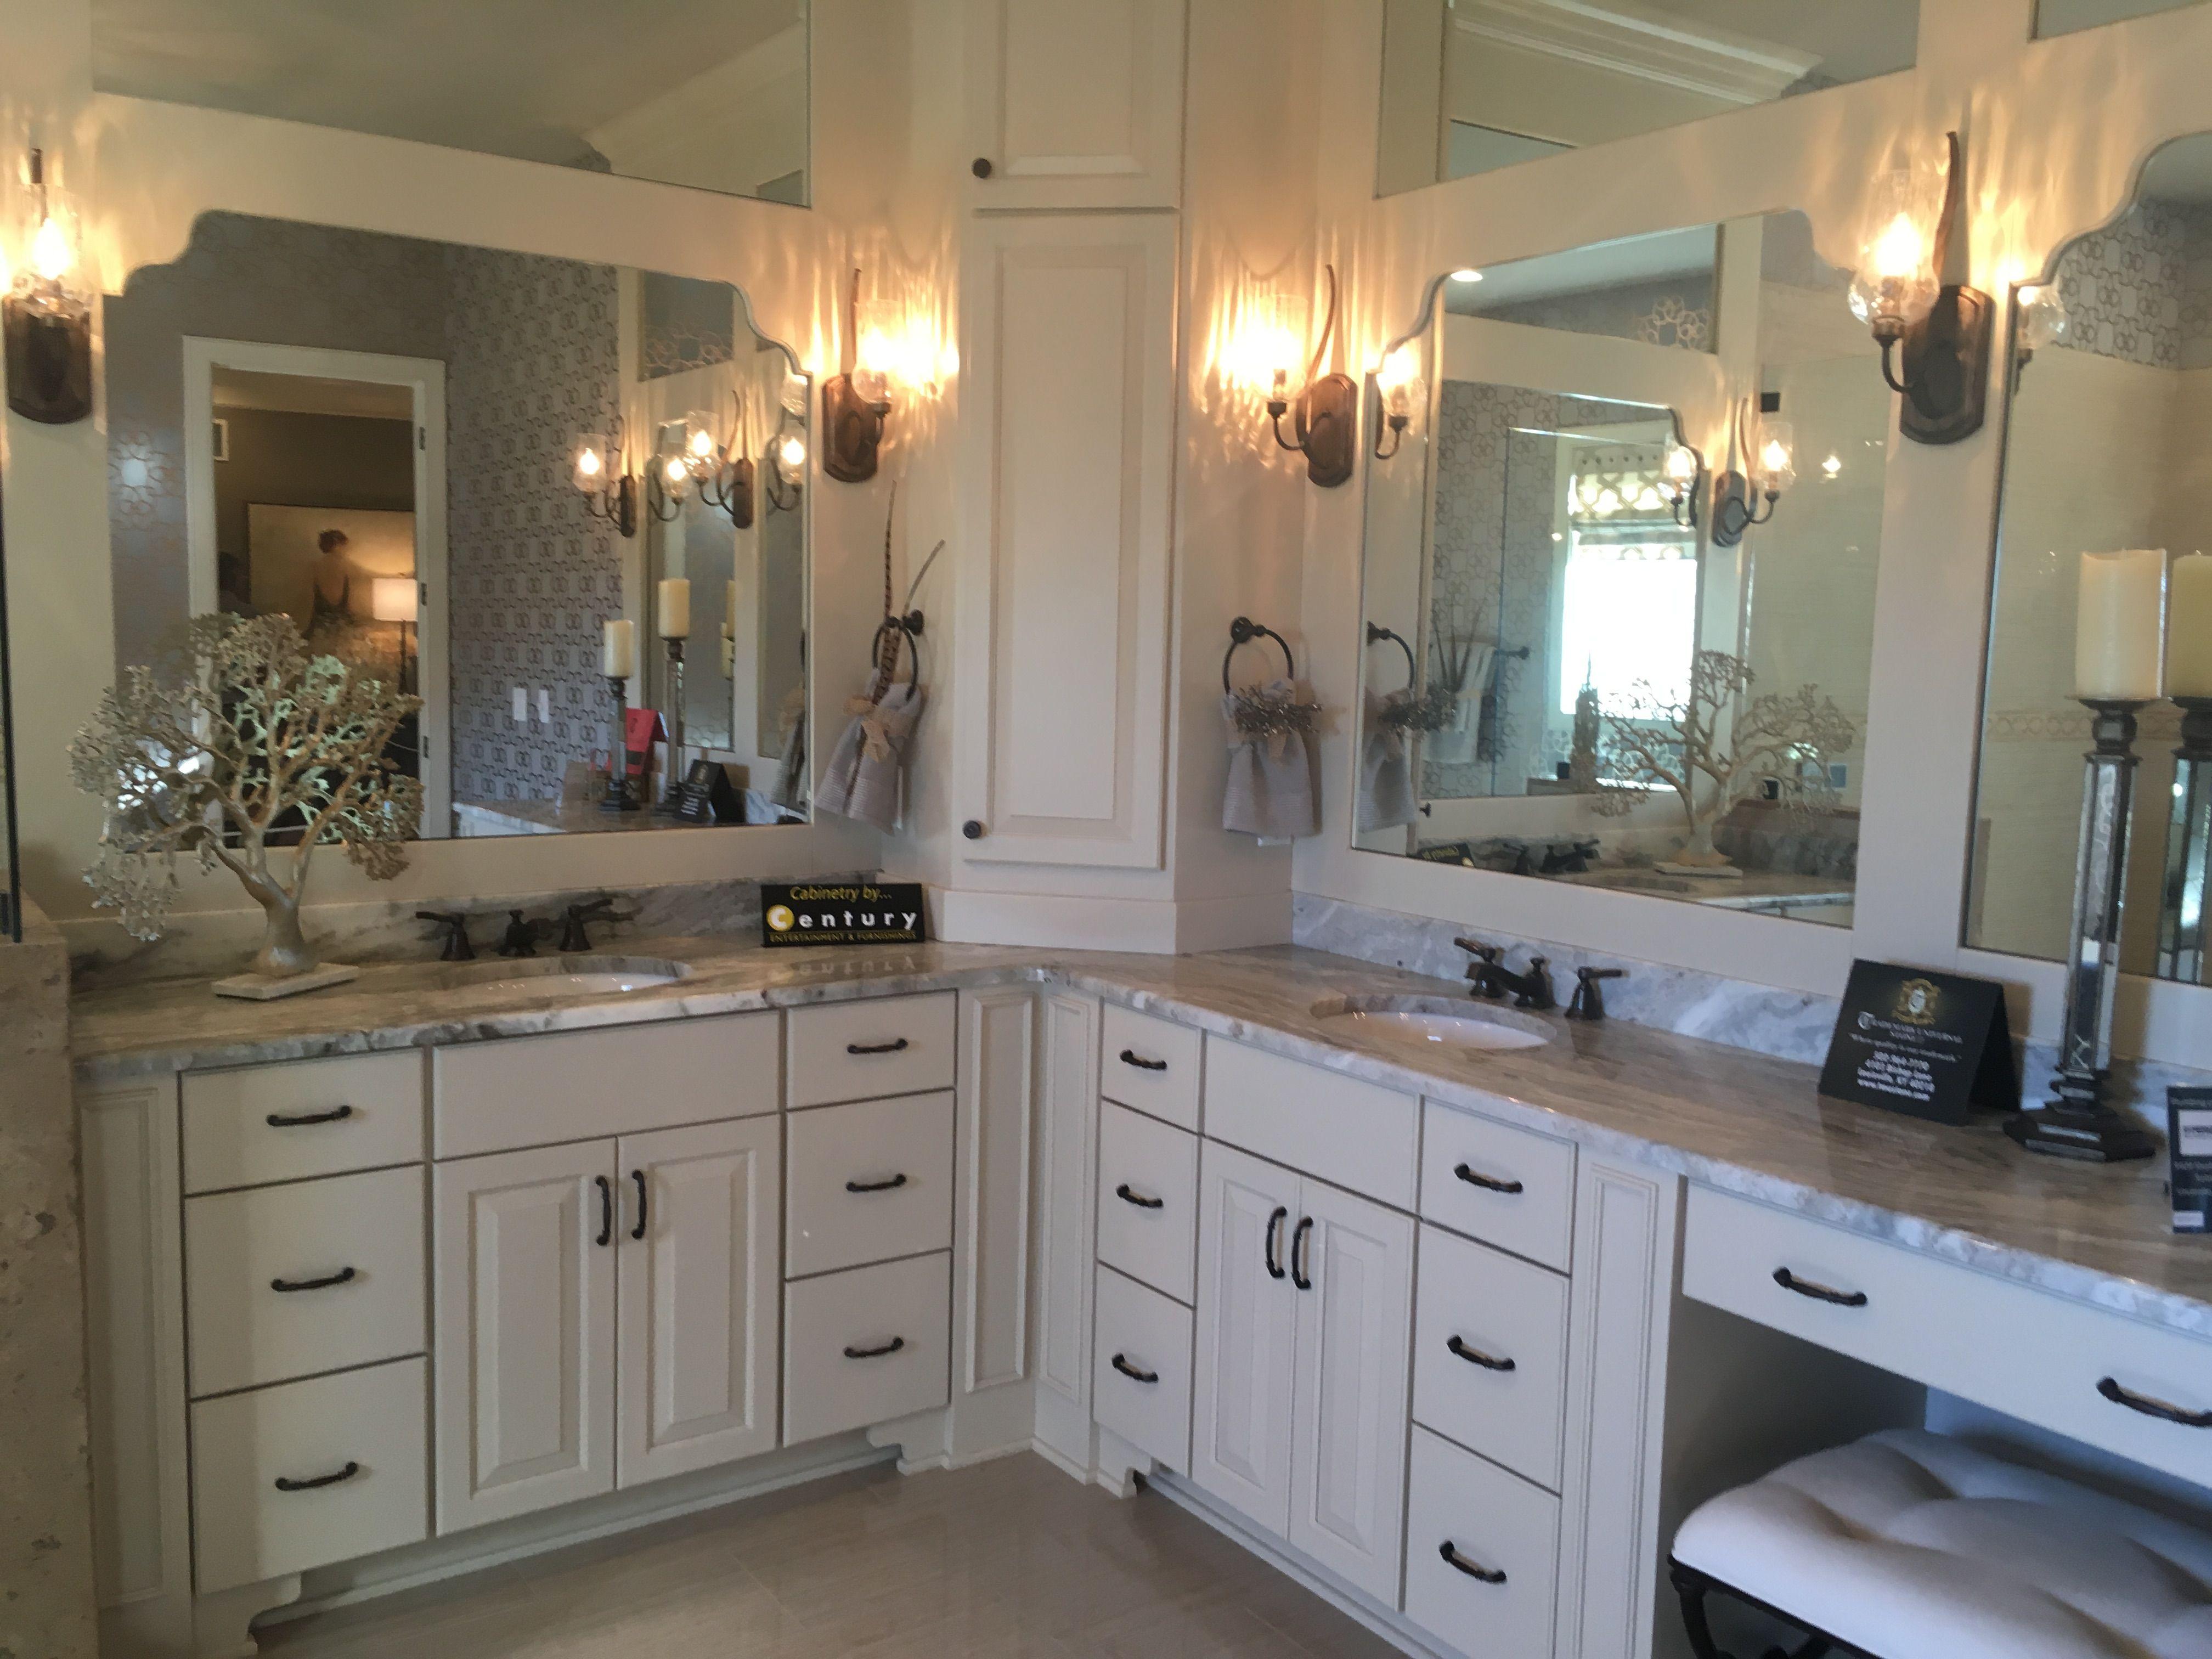 Atractivo Cocina Y Baño De Diseño Florida Lakeland Imágenes - Ideas ...